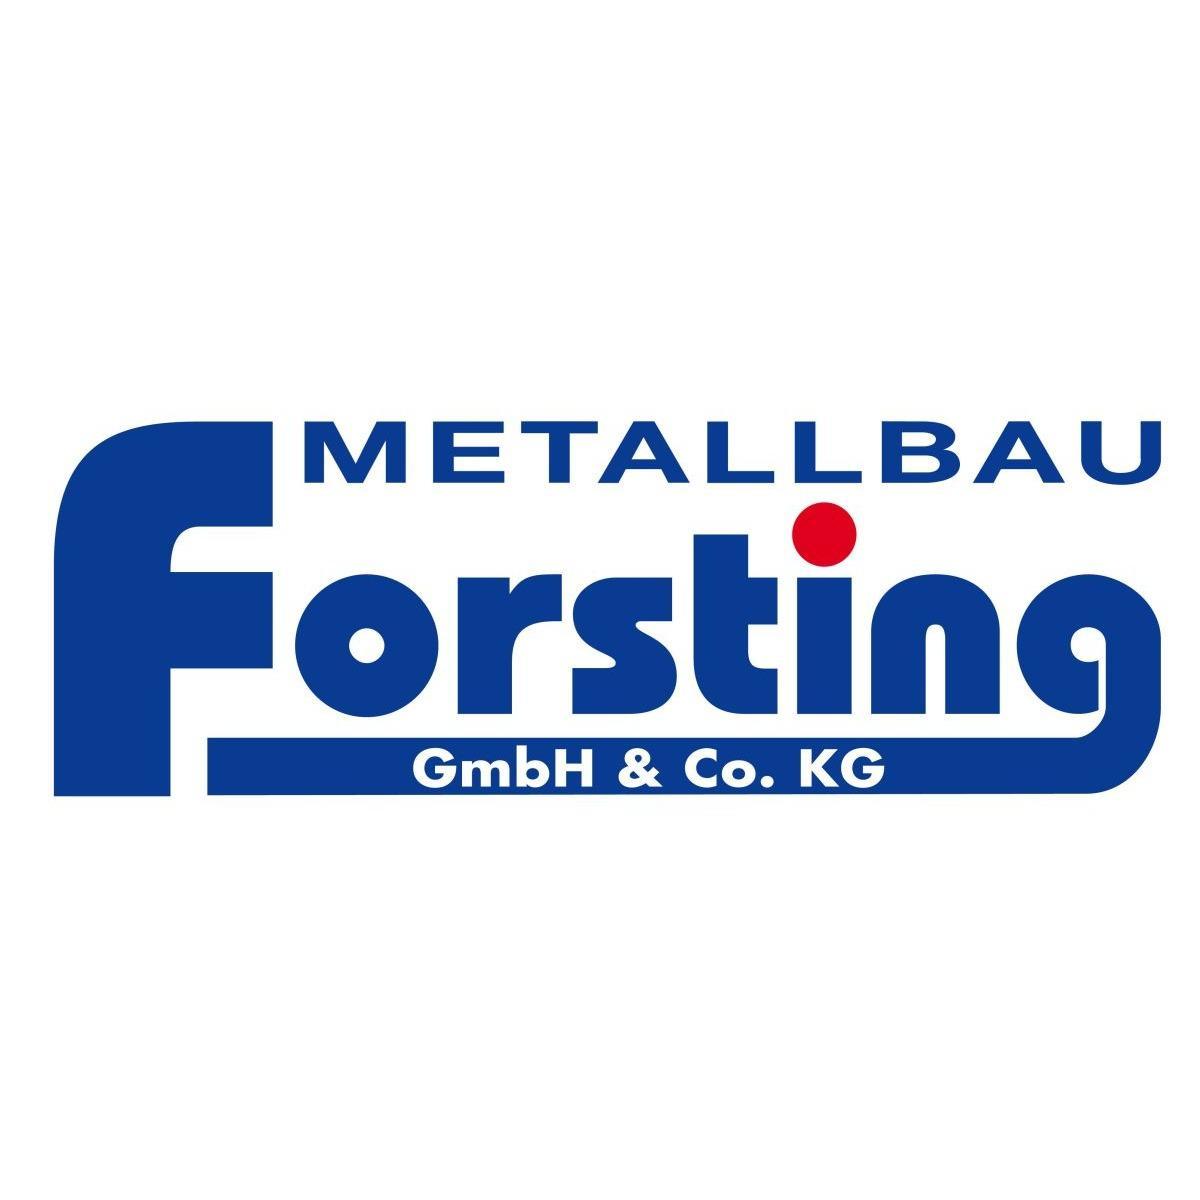 Bild zu Metallbau Forsting GmbH & Co. KG Inh. Guido Forsting in Emsbüren